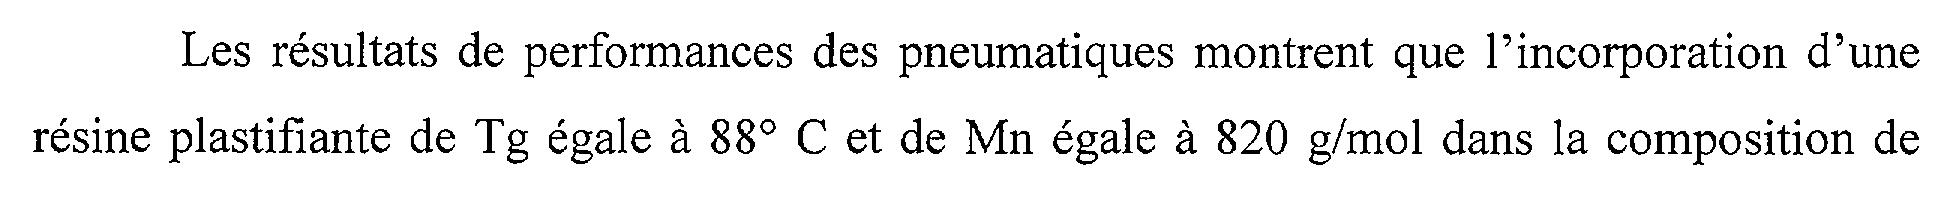 Figure img00240001